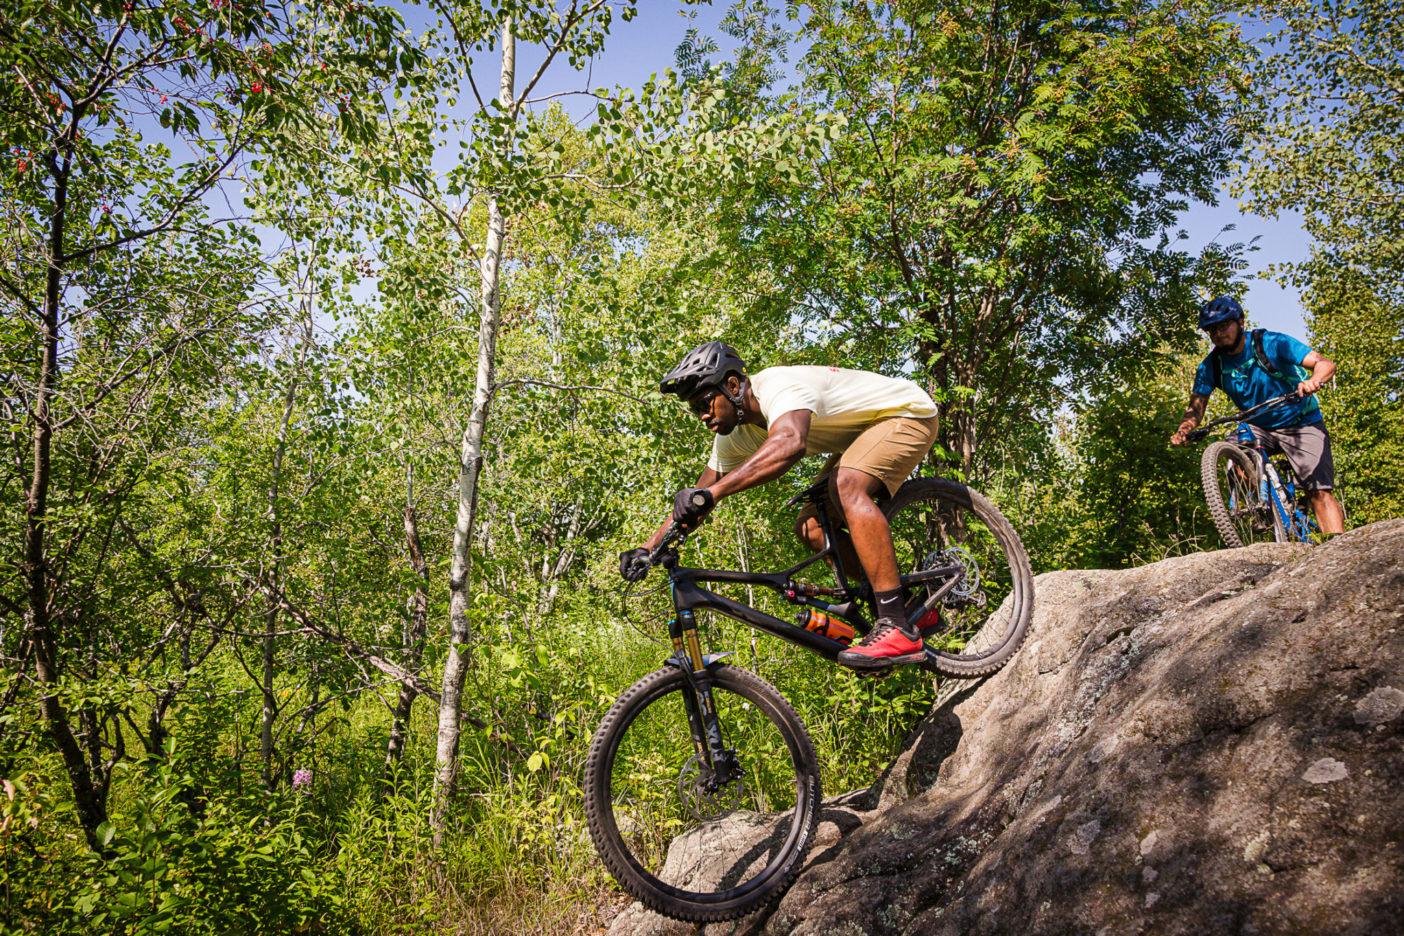 アッパー・ミッドウエストの地形は平らであるという一般的な誤解に反して、ミネソタ州ダルース周辺のトレイルは挑戦しがいのある地形がたっぷりあるため、〈国際マウンテンバイク協会〉からゴールド級の「ライド・センター」指定を受けている。この写真は、ピードモントのトレイル網の難所をこなすトレイシー・ブラウンとエリック・アルセ。 Photo:Hansi Johnson